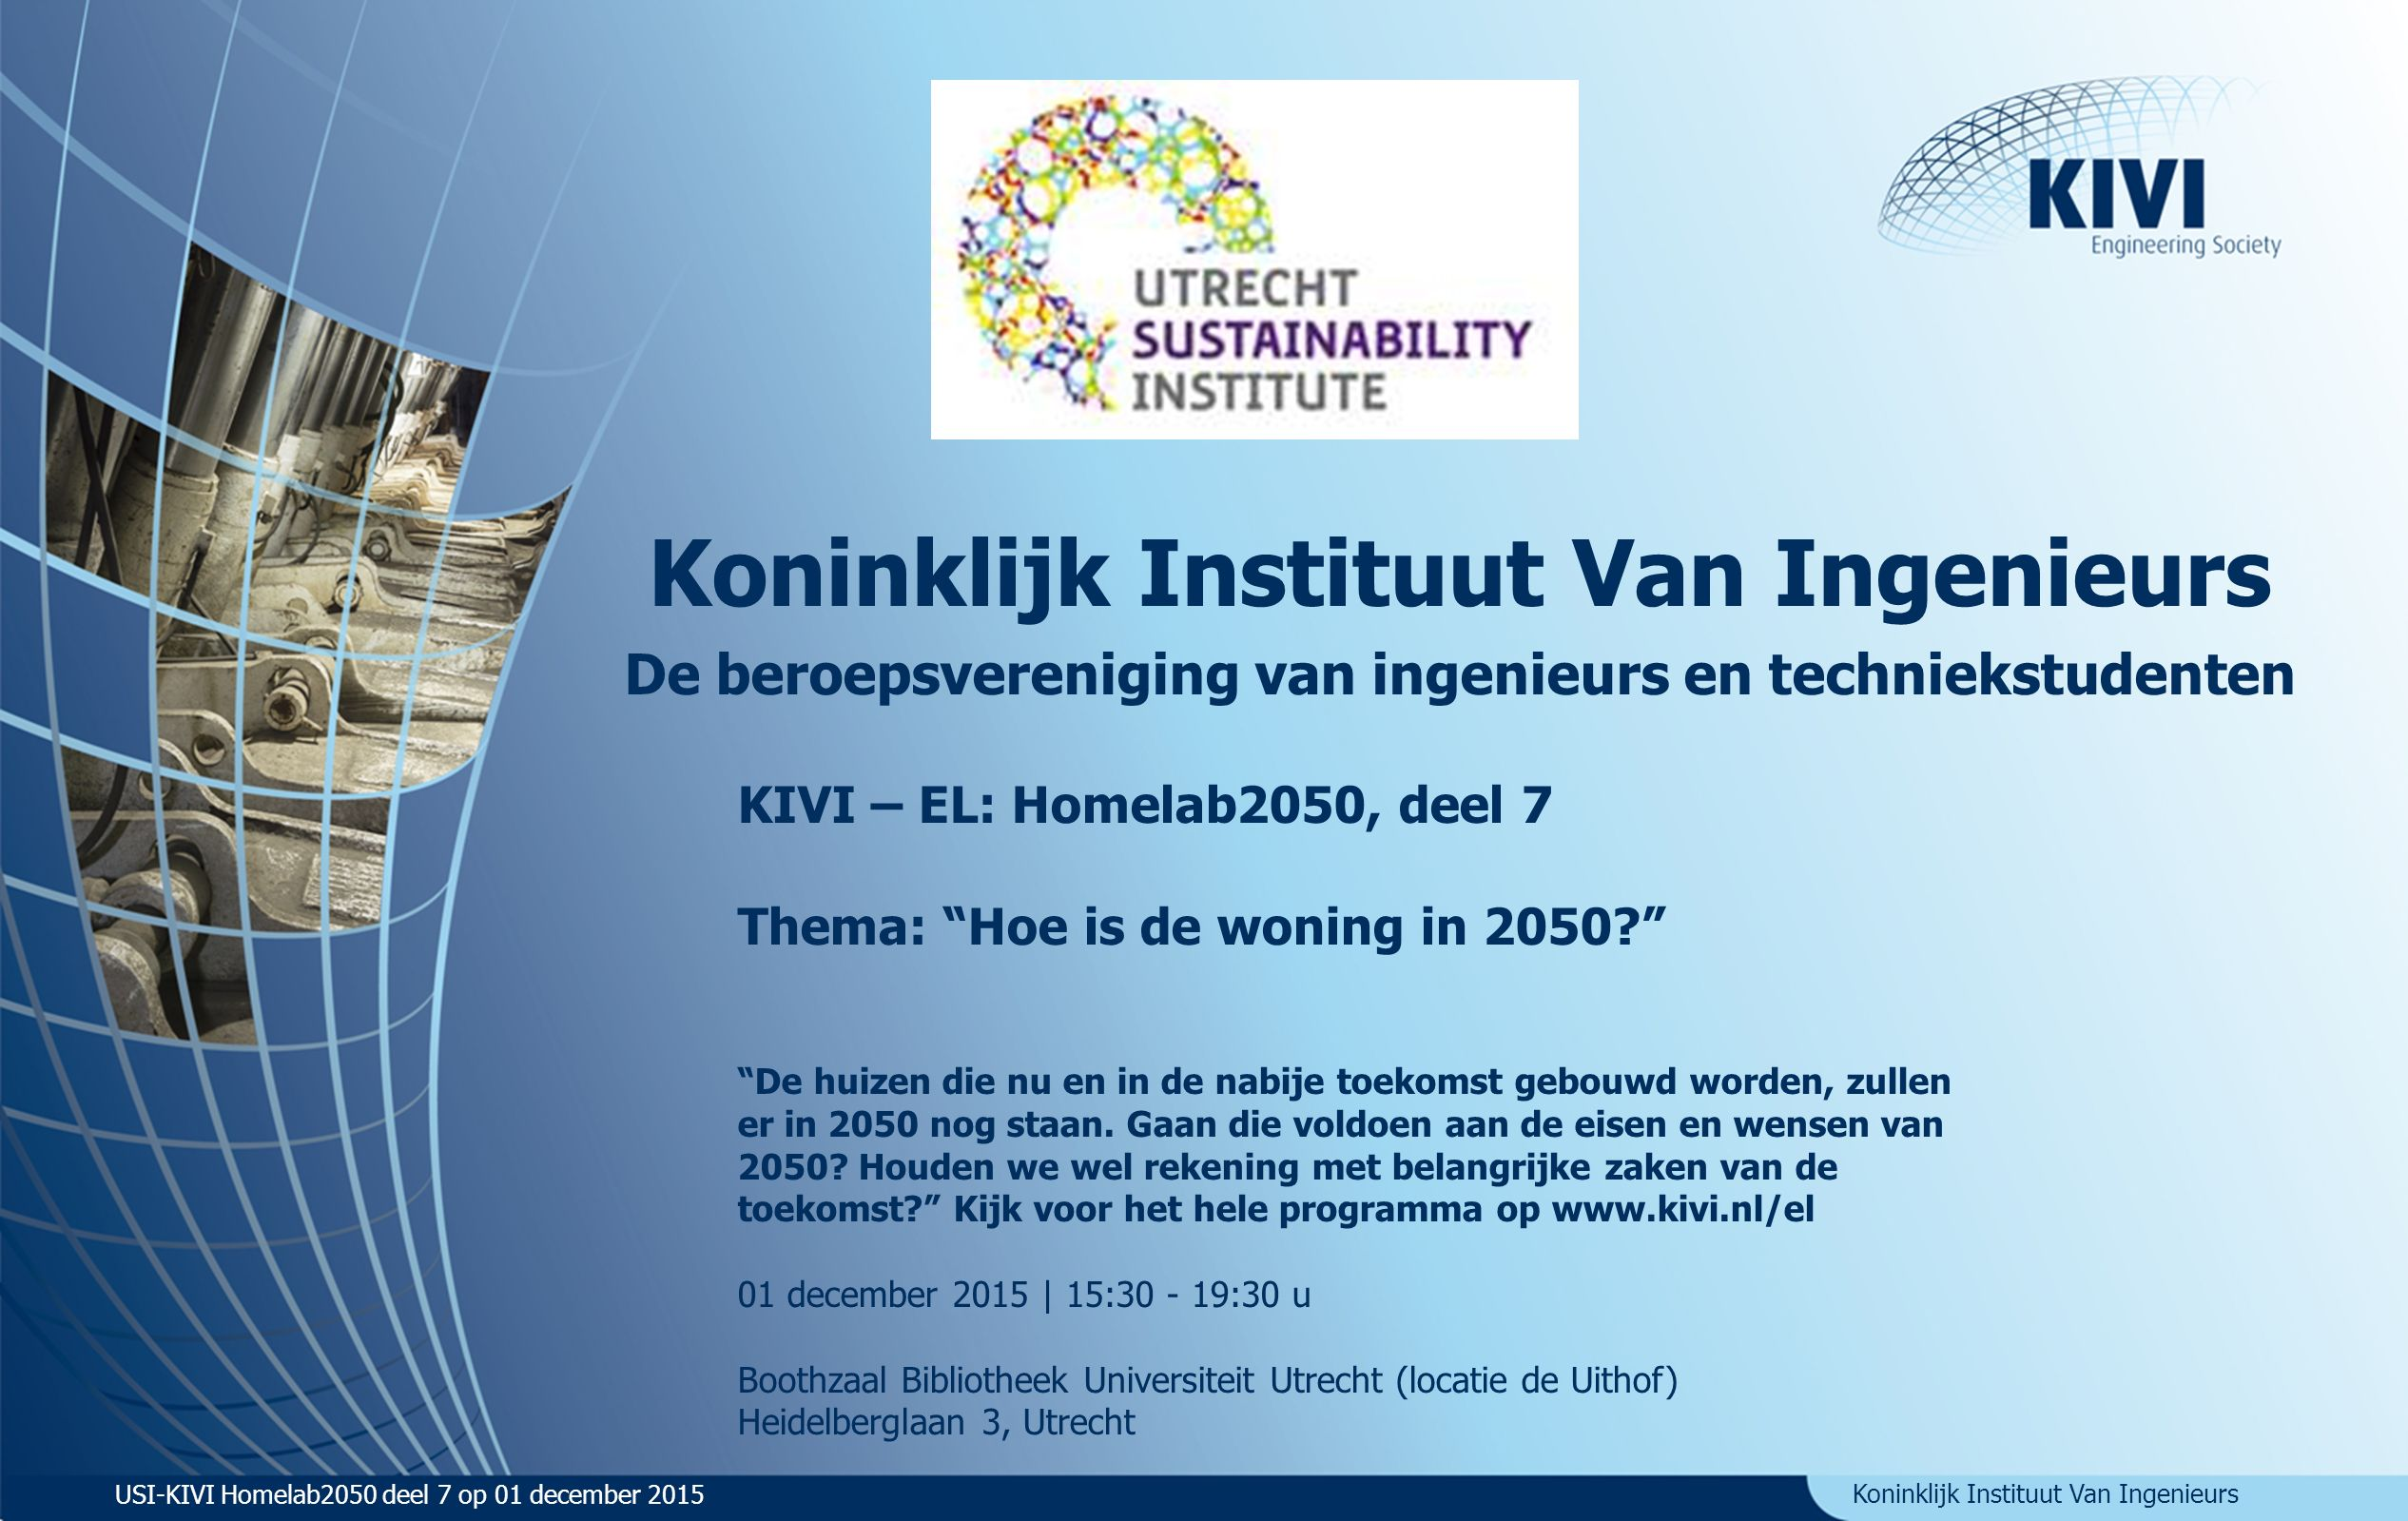 Koninklijk Instituut Van Ingenieurs De beroepsvereniging van ingenieurs en techniekstudenten KIVI – EL: Homelab2050, deel 7 Thema: Hoe is de woning in 2050? De huizen die nu en in de nabije toekomst gebouwd worden, zullen er in 2050 nog staan.